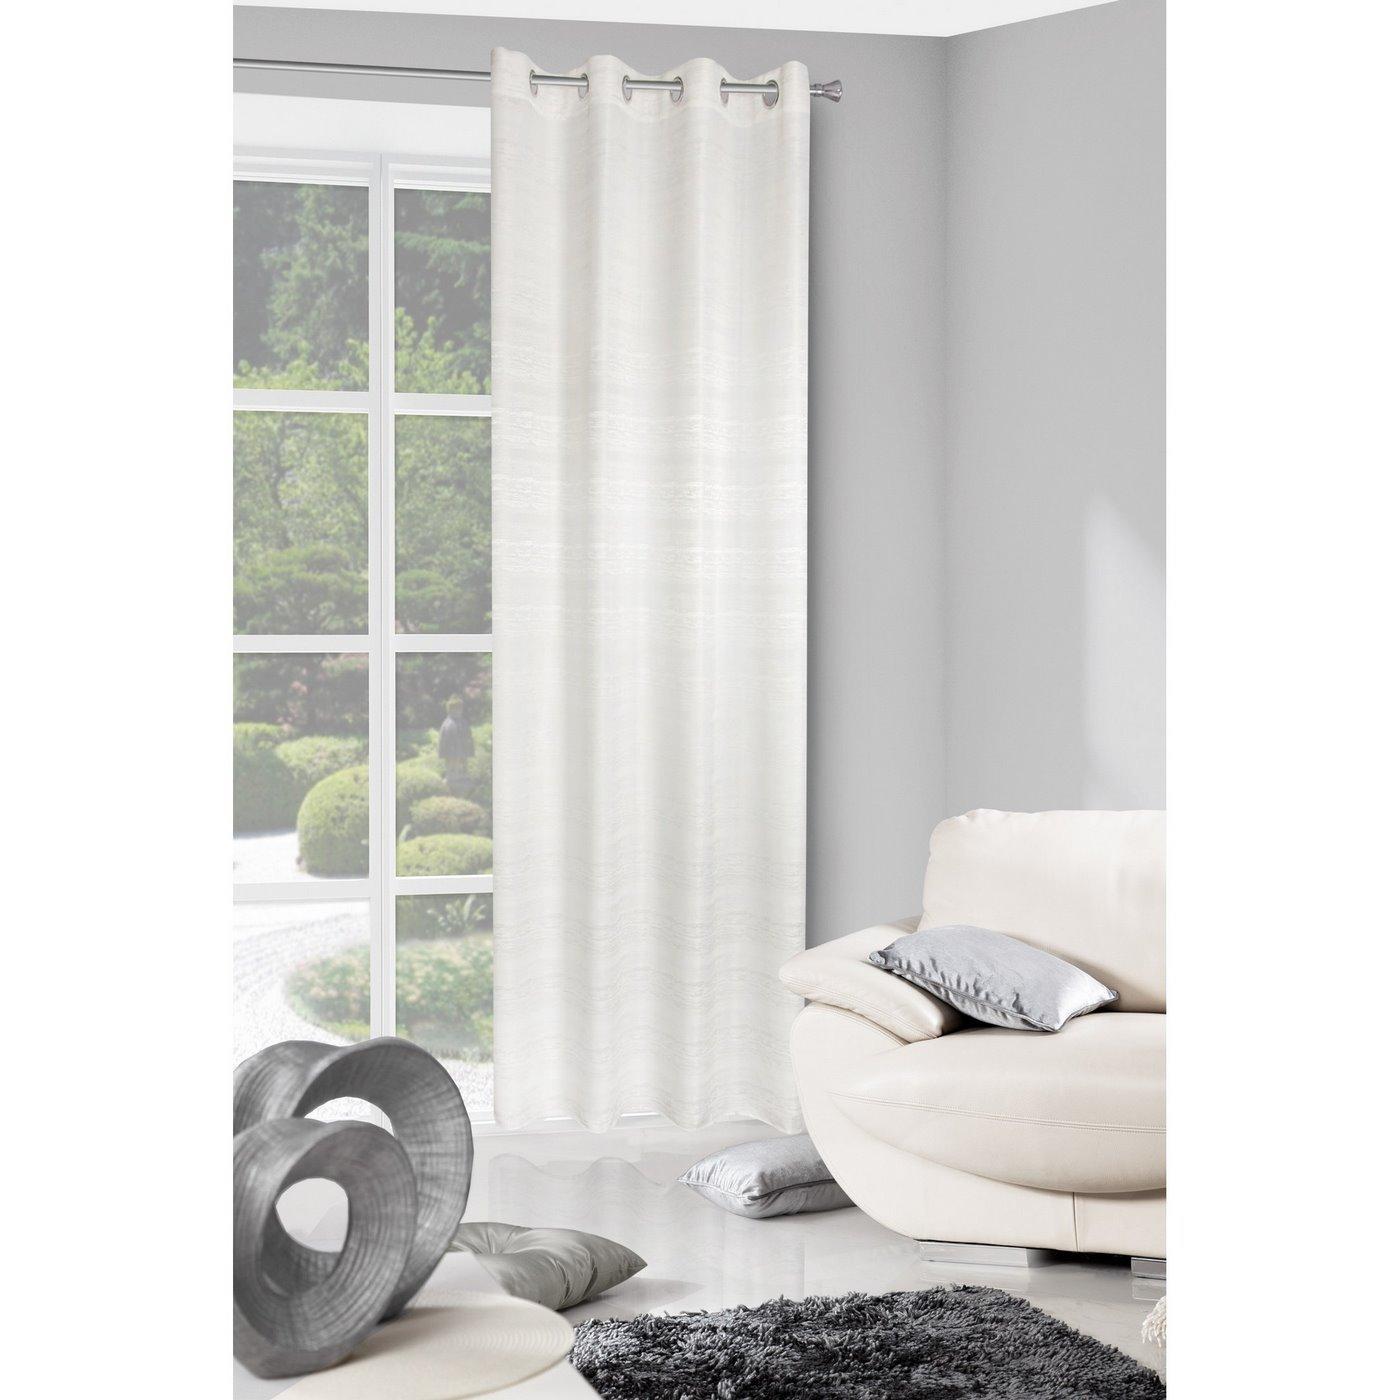 Zasłona biała styl skandynawski z połyskiem biała 140 X 250 cm PRZELOTKI